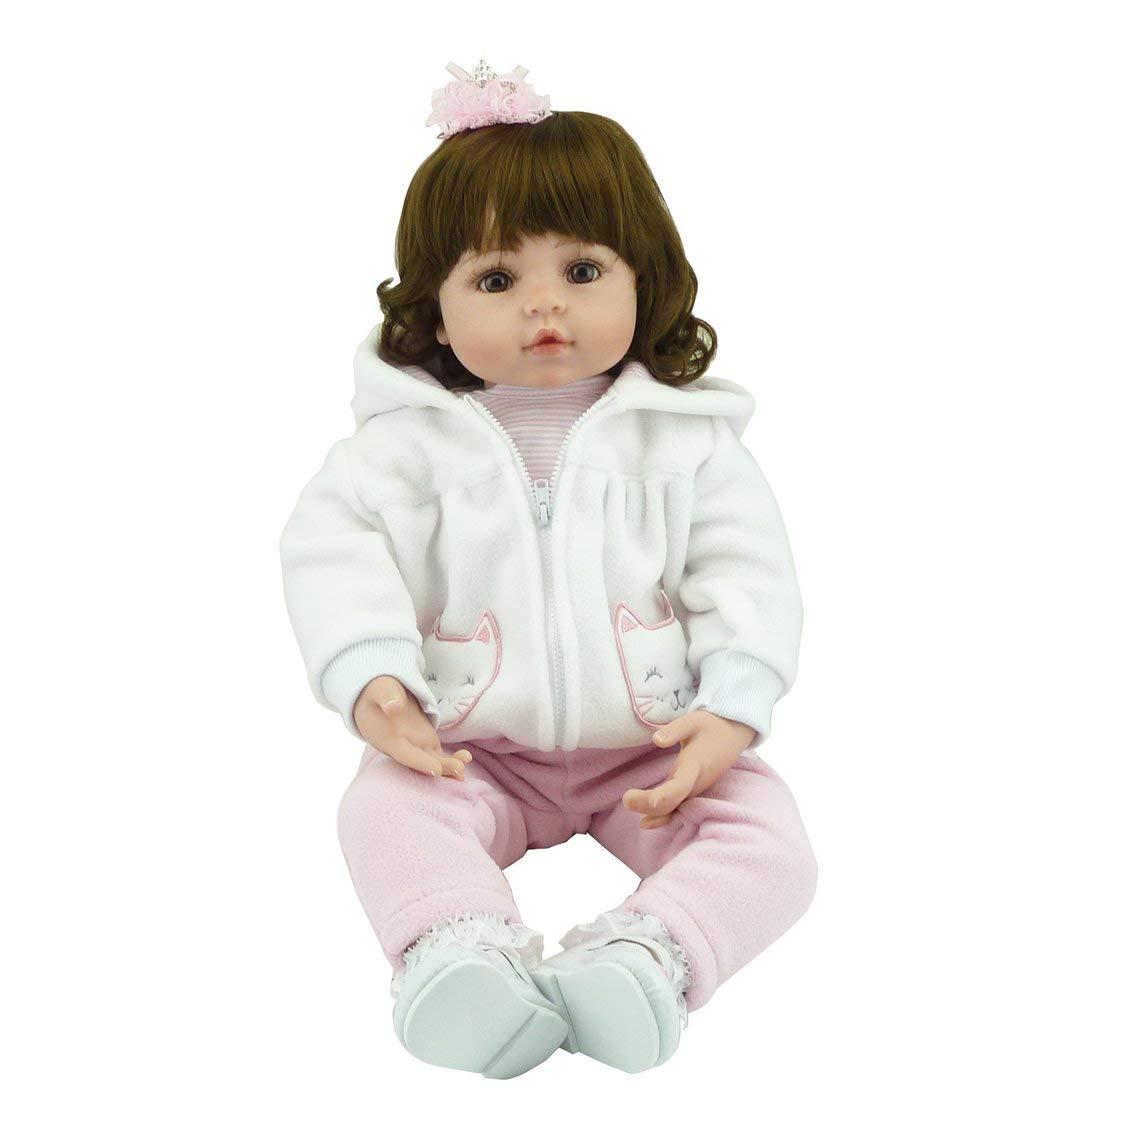 Vige Bambola del Bambino del Vinile Molle del Vinile di 58cm Giocattoli Non tossici sicuri realistici del Bambino Realistico Bambola Appena Nata Giocattoli Babe Bambola del Bambino rinato